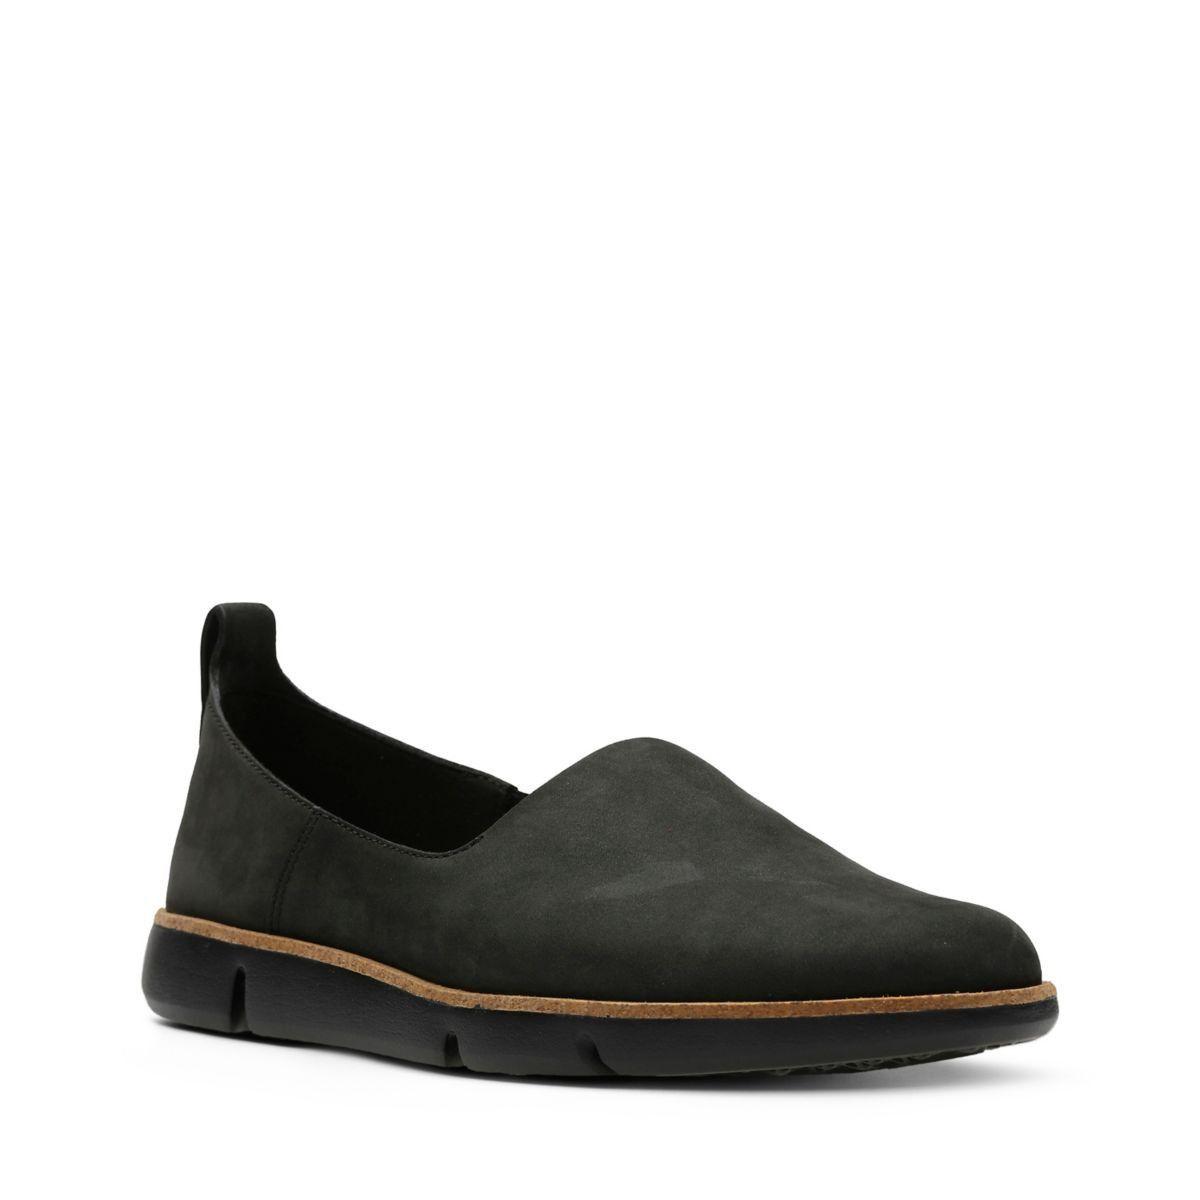 Clarks Tri Curve - Womens Shoes Black